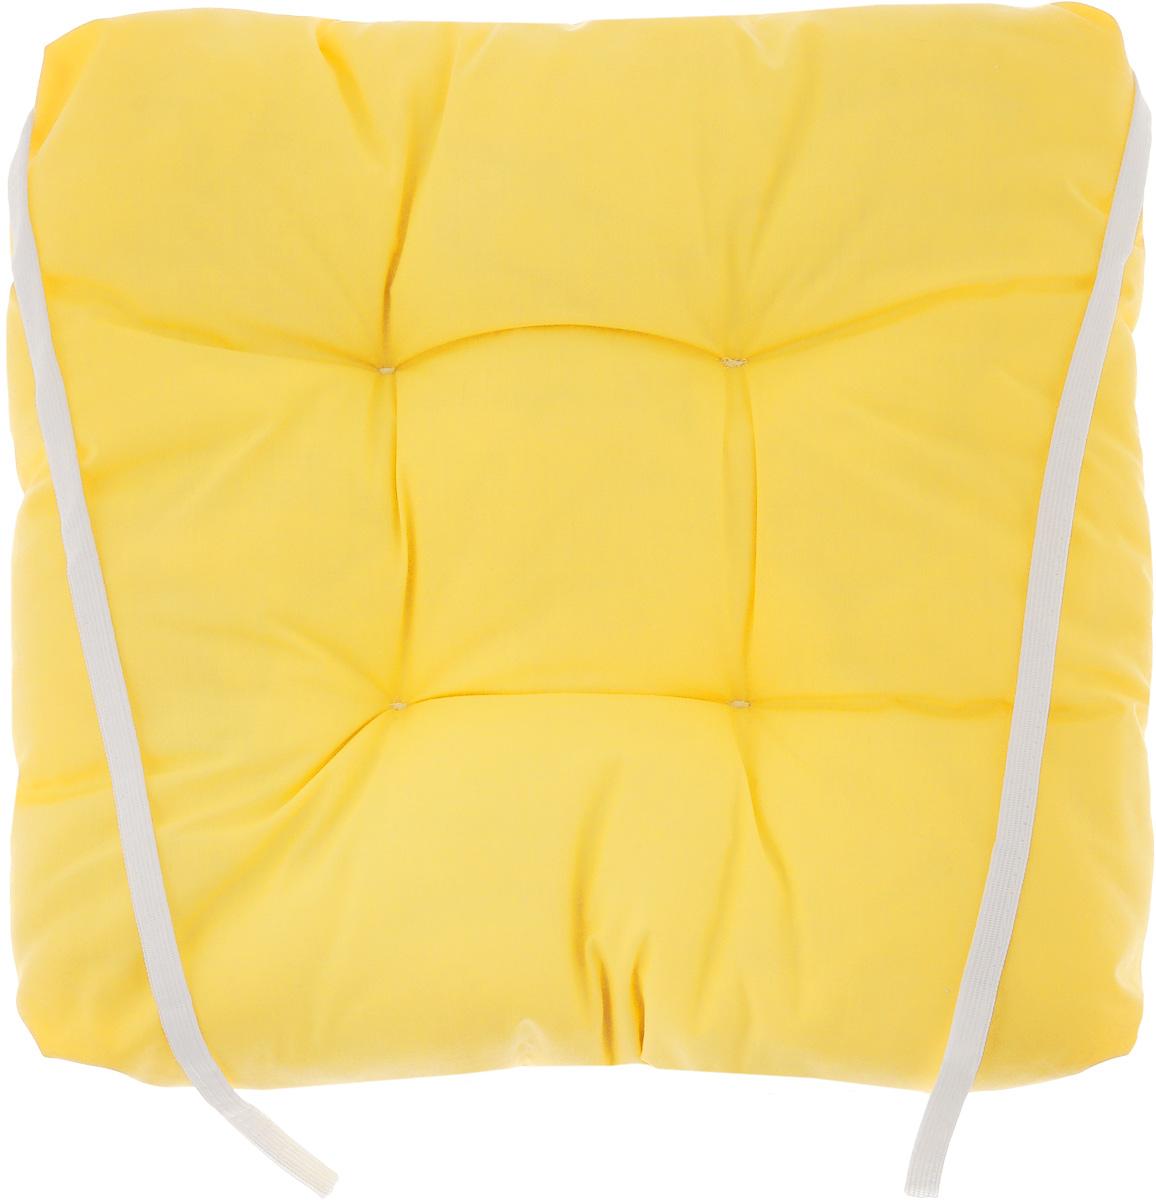 Подушка на стул Eva, объемная, цвет: темно-желтый, 40 х 40 смVT-1520(SR)Подушка Eva, изготовленная из хлопка, прослужит вам не один десяток лет. Внутри - мягкий наполнитель из полиэстера. Стежка надежно удерживает наполнитель внутри и не позволяет ему скатываться. Подушка легко крепится на стул с помощью завязок. Правильно сидеть - значит сохранить здоровье на долгие годы. Жесткие сидения подвергают наше здоровье опасности. Подушка с наполнителем из полиэстера поможет предотвратить многие беды, которыми грозит сидячий образ жизни.